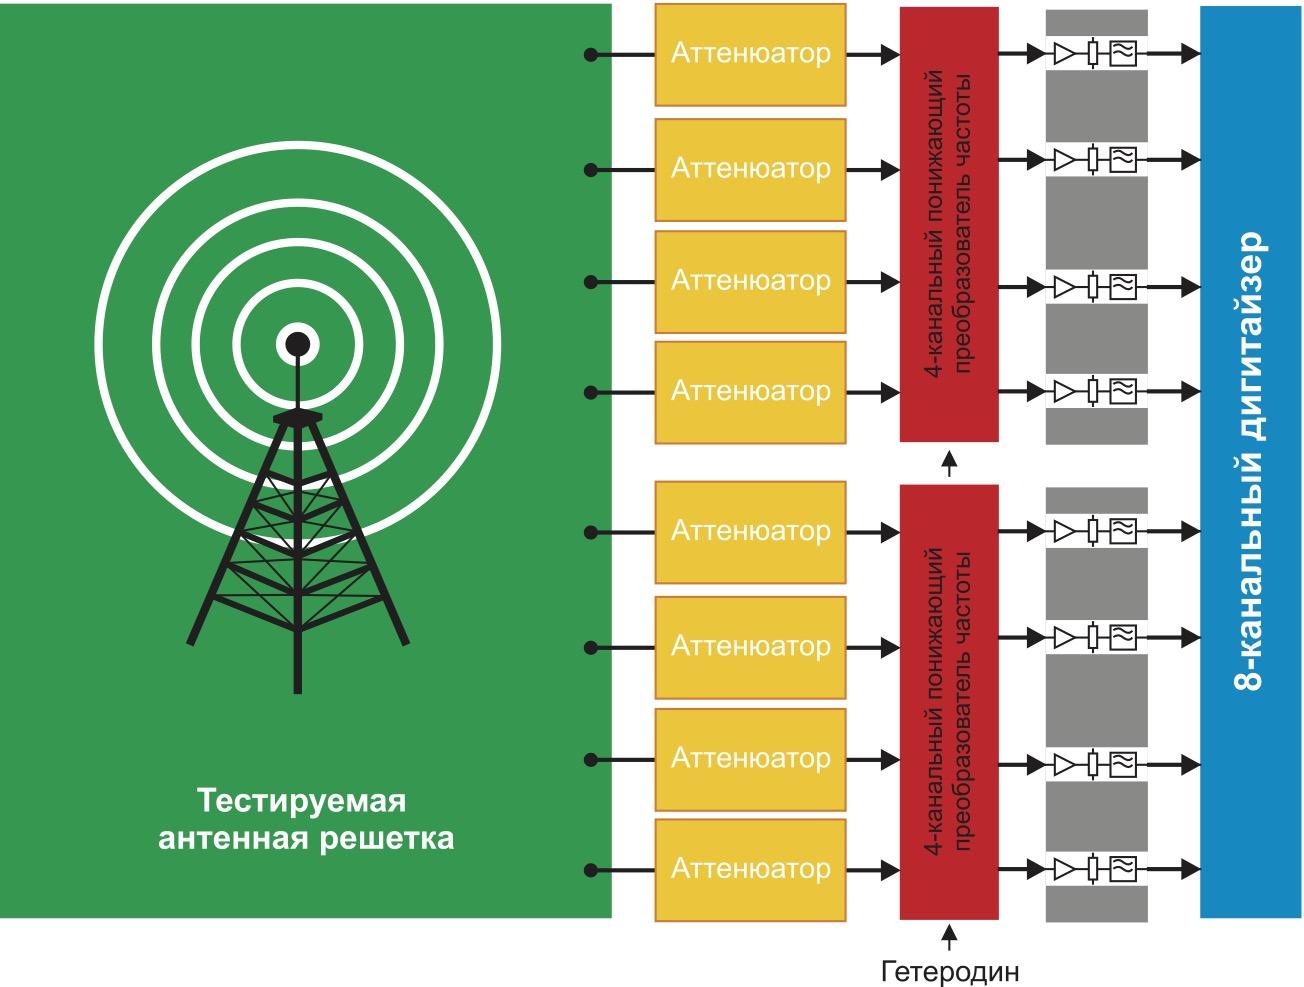 Структурная схема испытательной системы для измерения характеристик многоэлементной антенной решетки